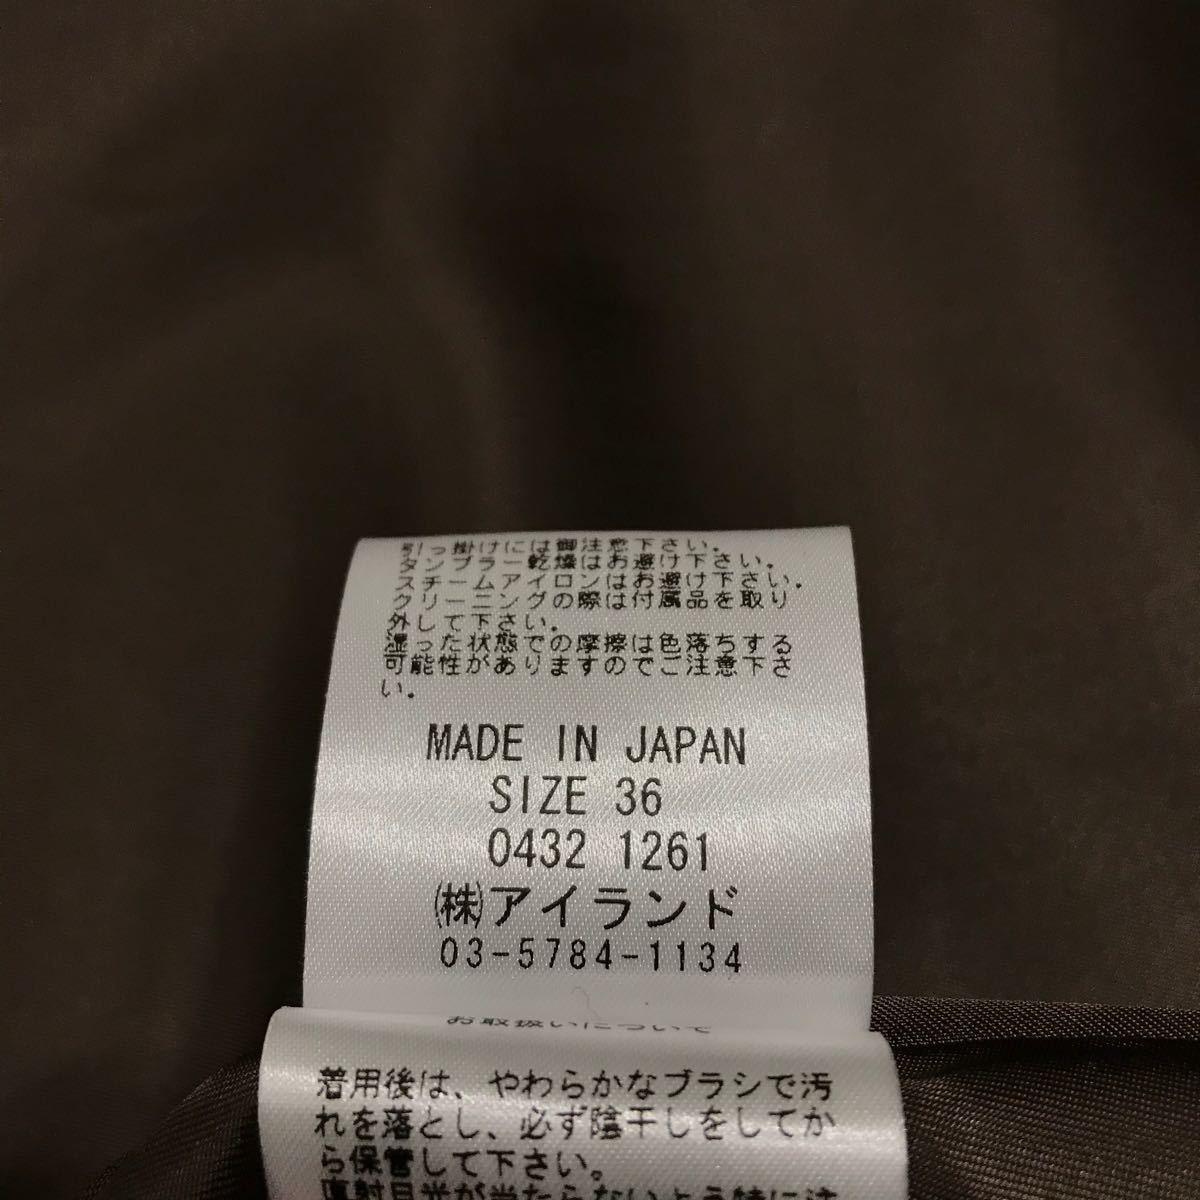 【新品】ダイアグラム グレースコンチネンタル モッズコート ファーコート レディース 36